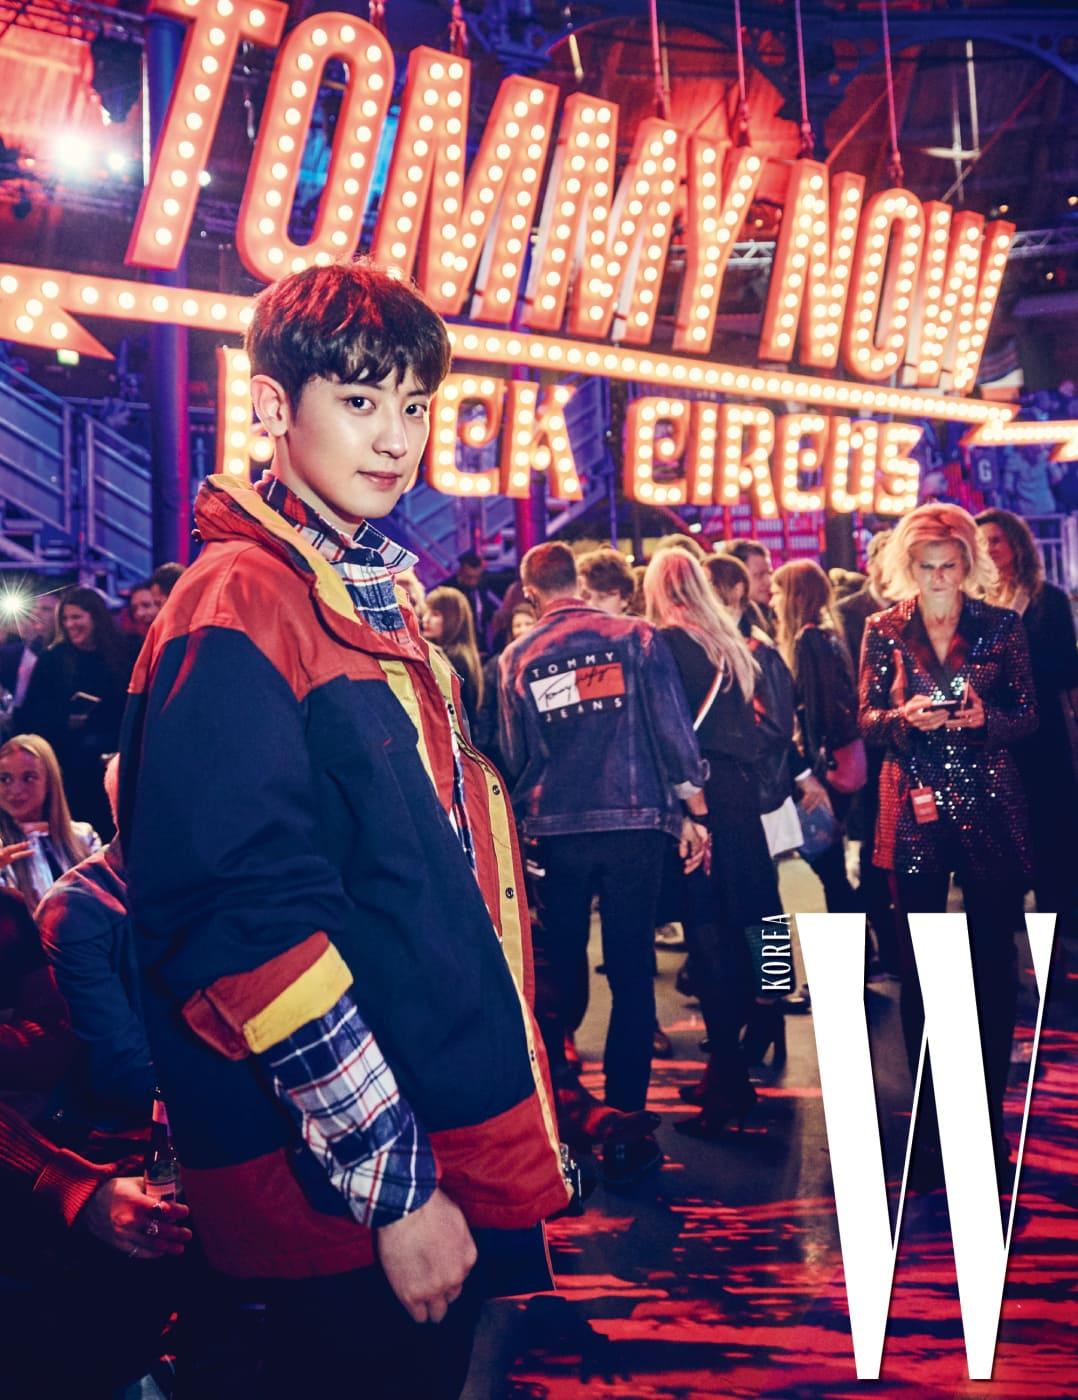 서커스 테마와 어울리는 반짝이는 조명 장식 앞에 선 찬열. 타미 힐피거의 체크무늬 셔츠, 빈티지한 캐주얼 스타일의 컬러 블록 재킷을 입은 찬열은 이번 컬렉션 프런트로의 베스트 패셔니스타!